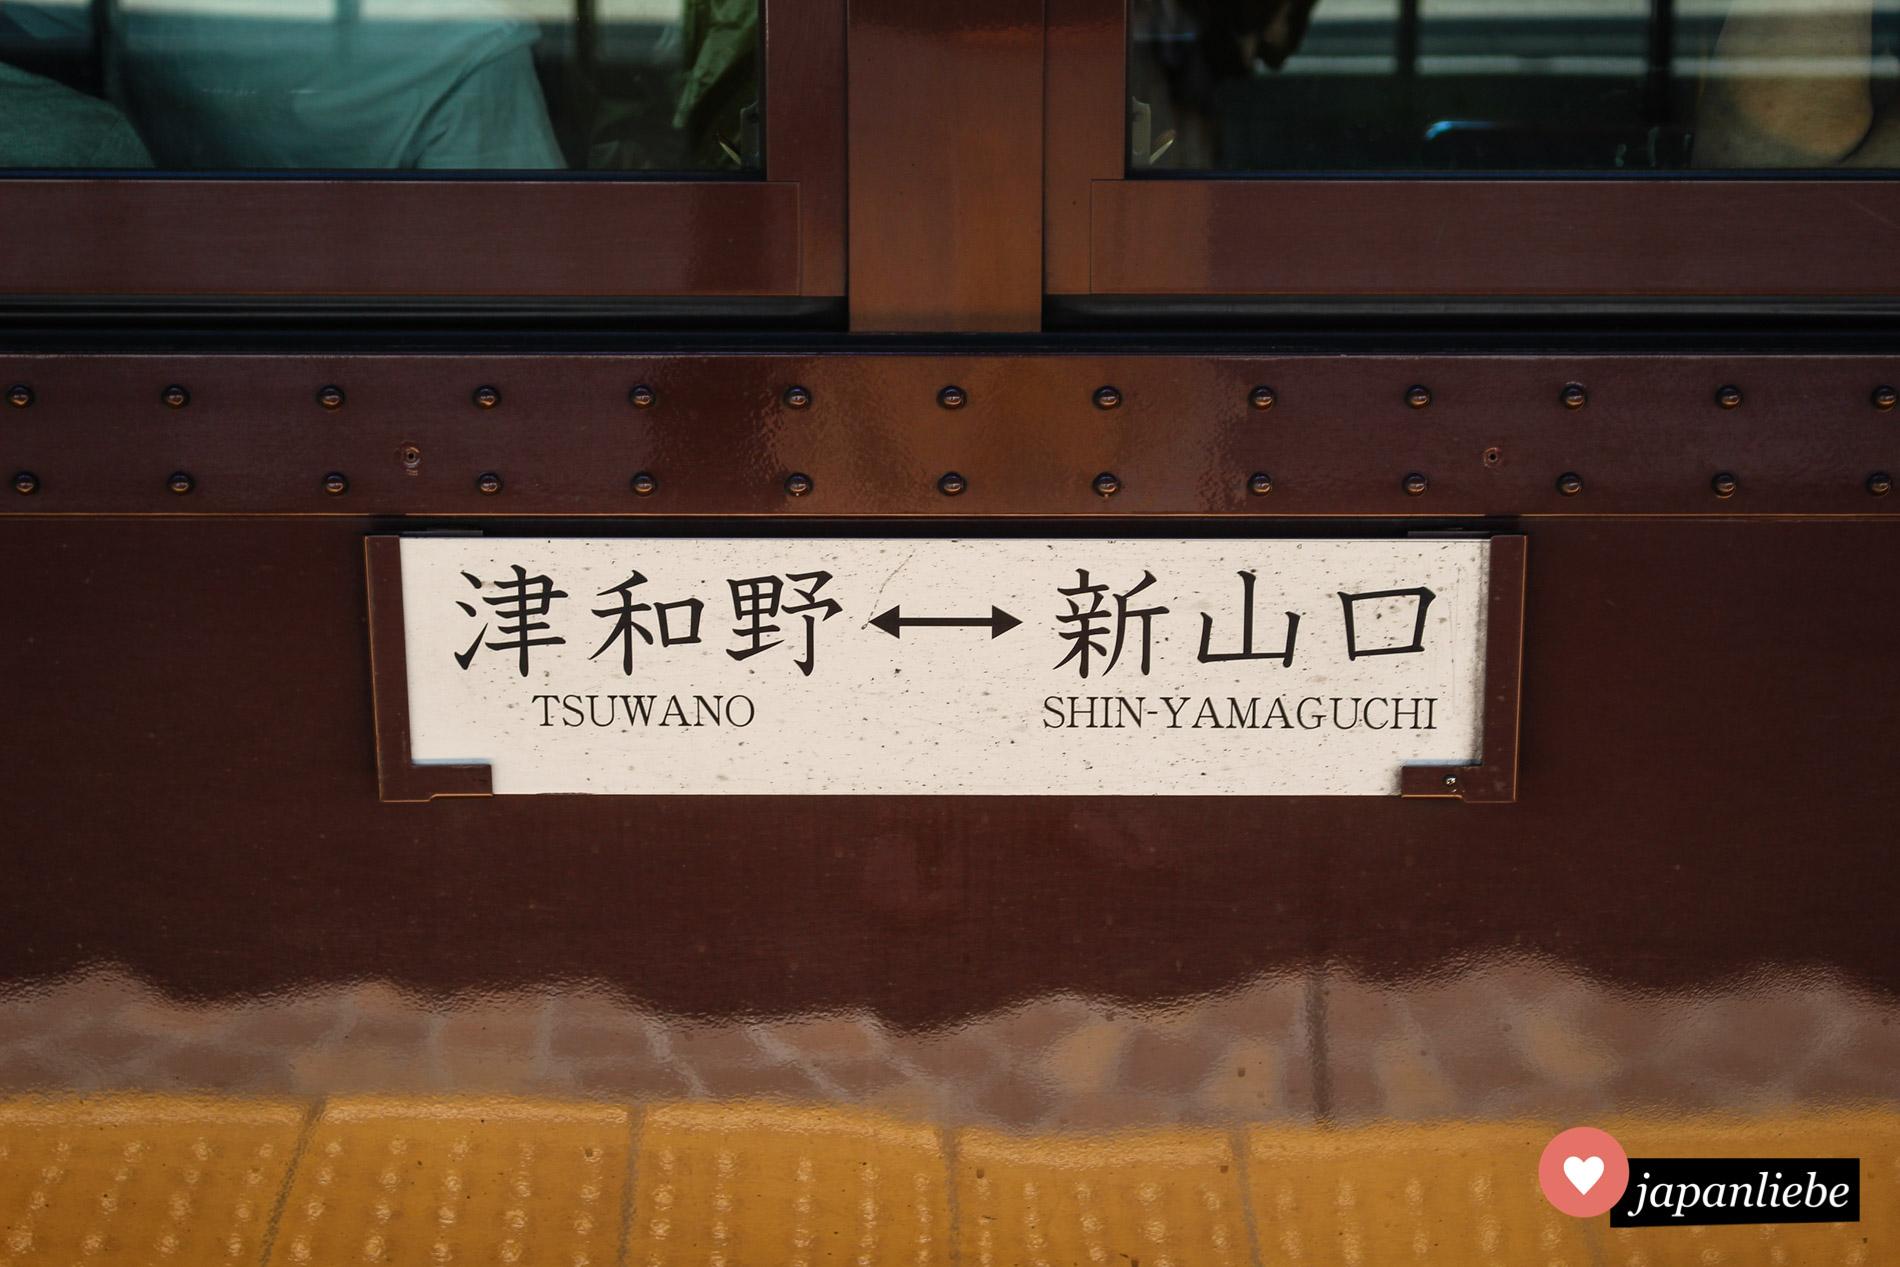 Die SL Yamaguchi verkehrt an euasgewählten Wochenenden und Feiertagen zwischen Shin-Yamaguchi und Tsuwano.